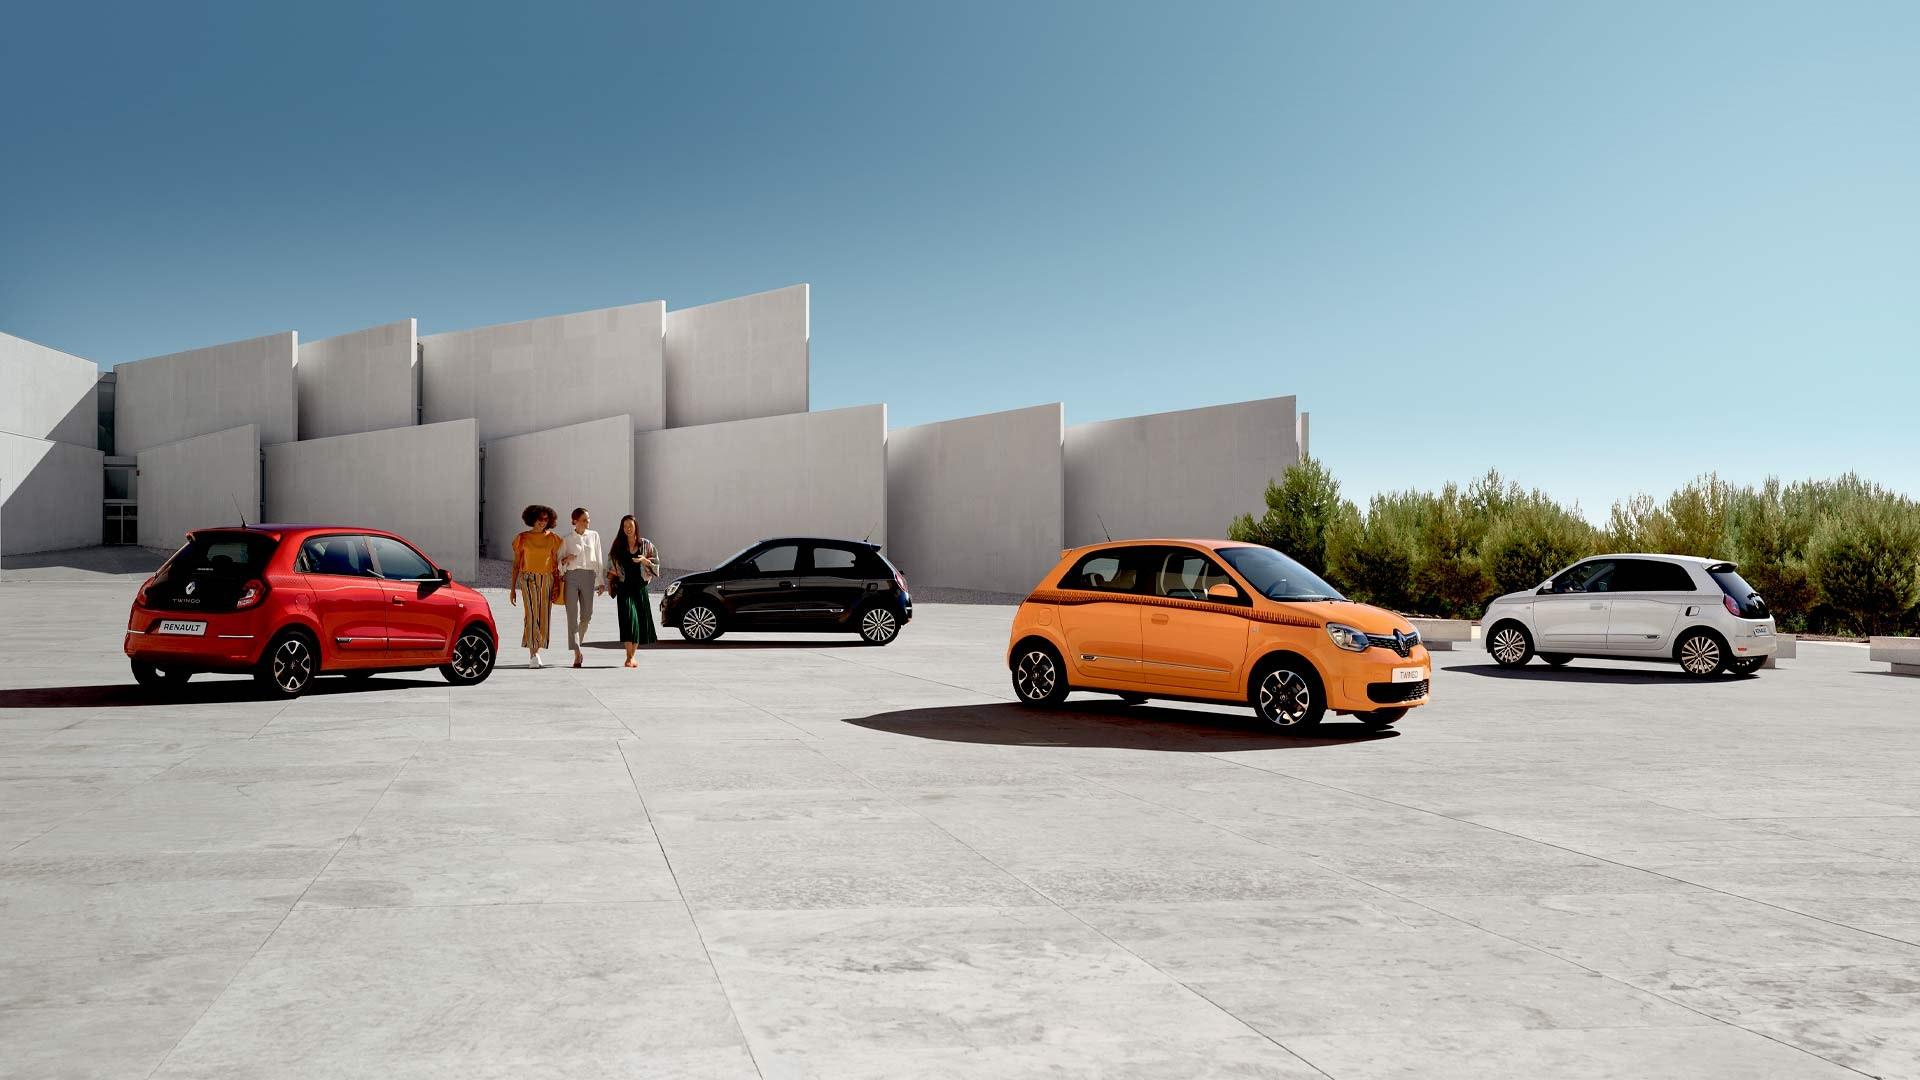 Renault Twingo i forskellige farver